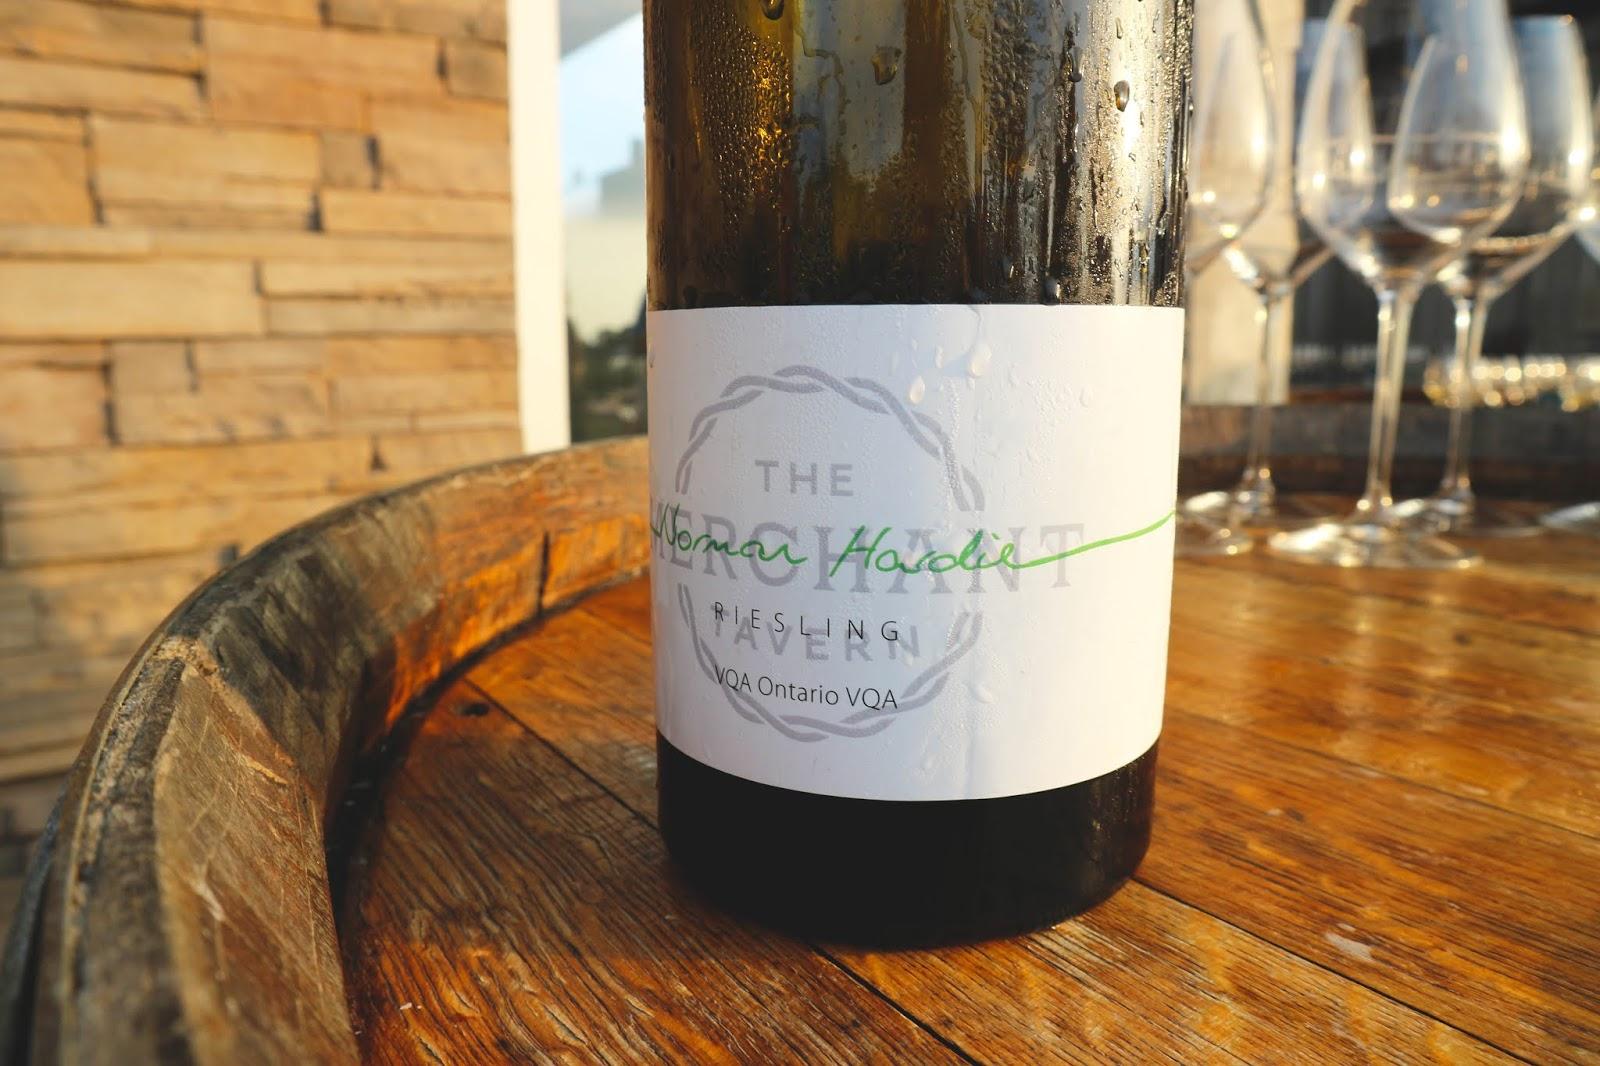 Summer Braai Supper at Norman Hardie Winery